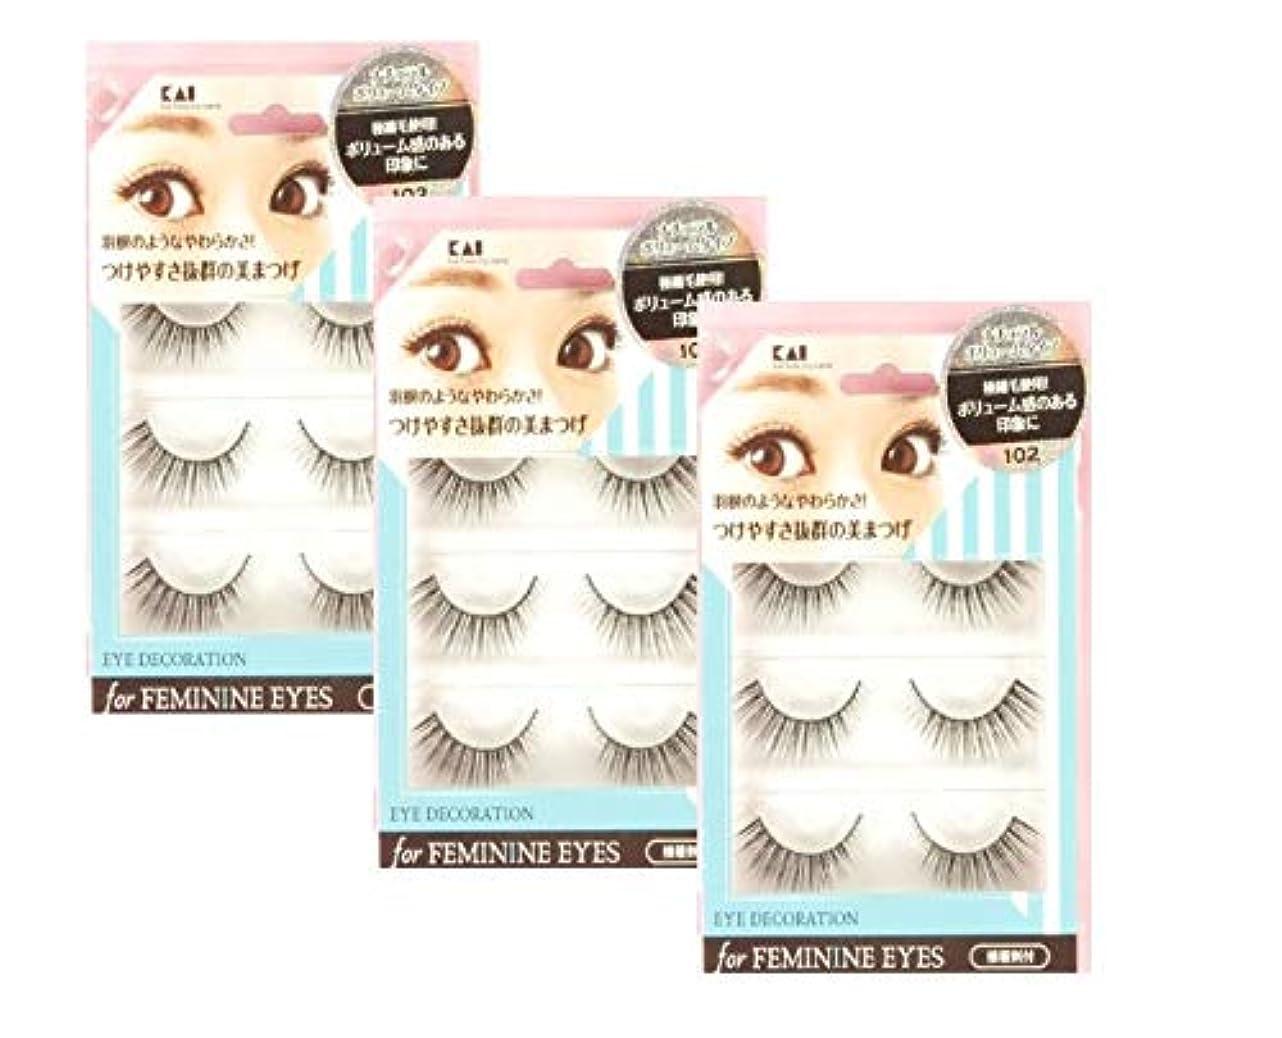 なめらか頻繁にイサカ【まとめ買い3個セット】アイデコレーション for feminine eyes 102 ナチュラルボリュームタイプ